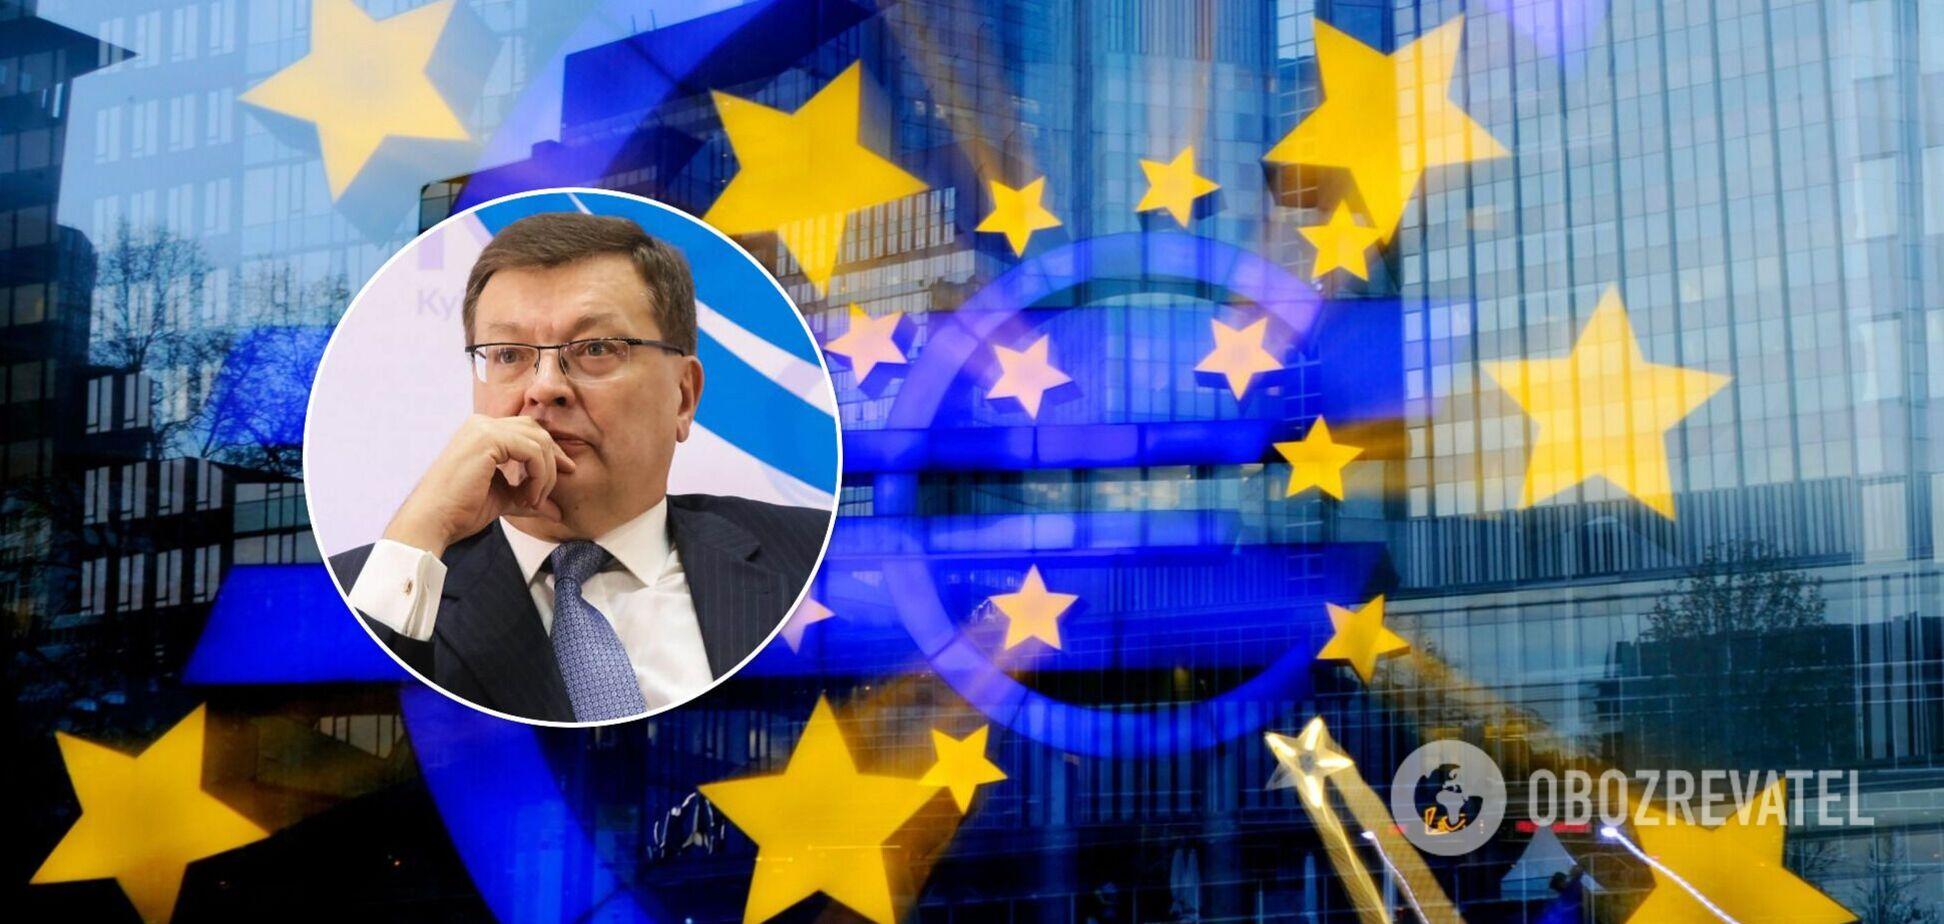 Хайп об остановке безвиза будет развеян на саммите Украина-ЕС, – Грищенко